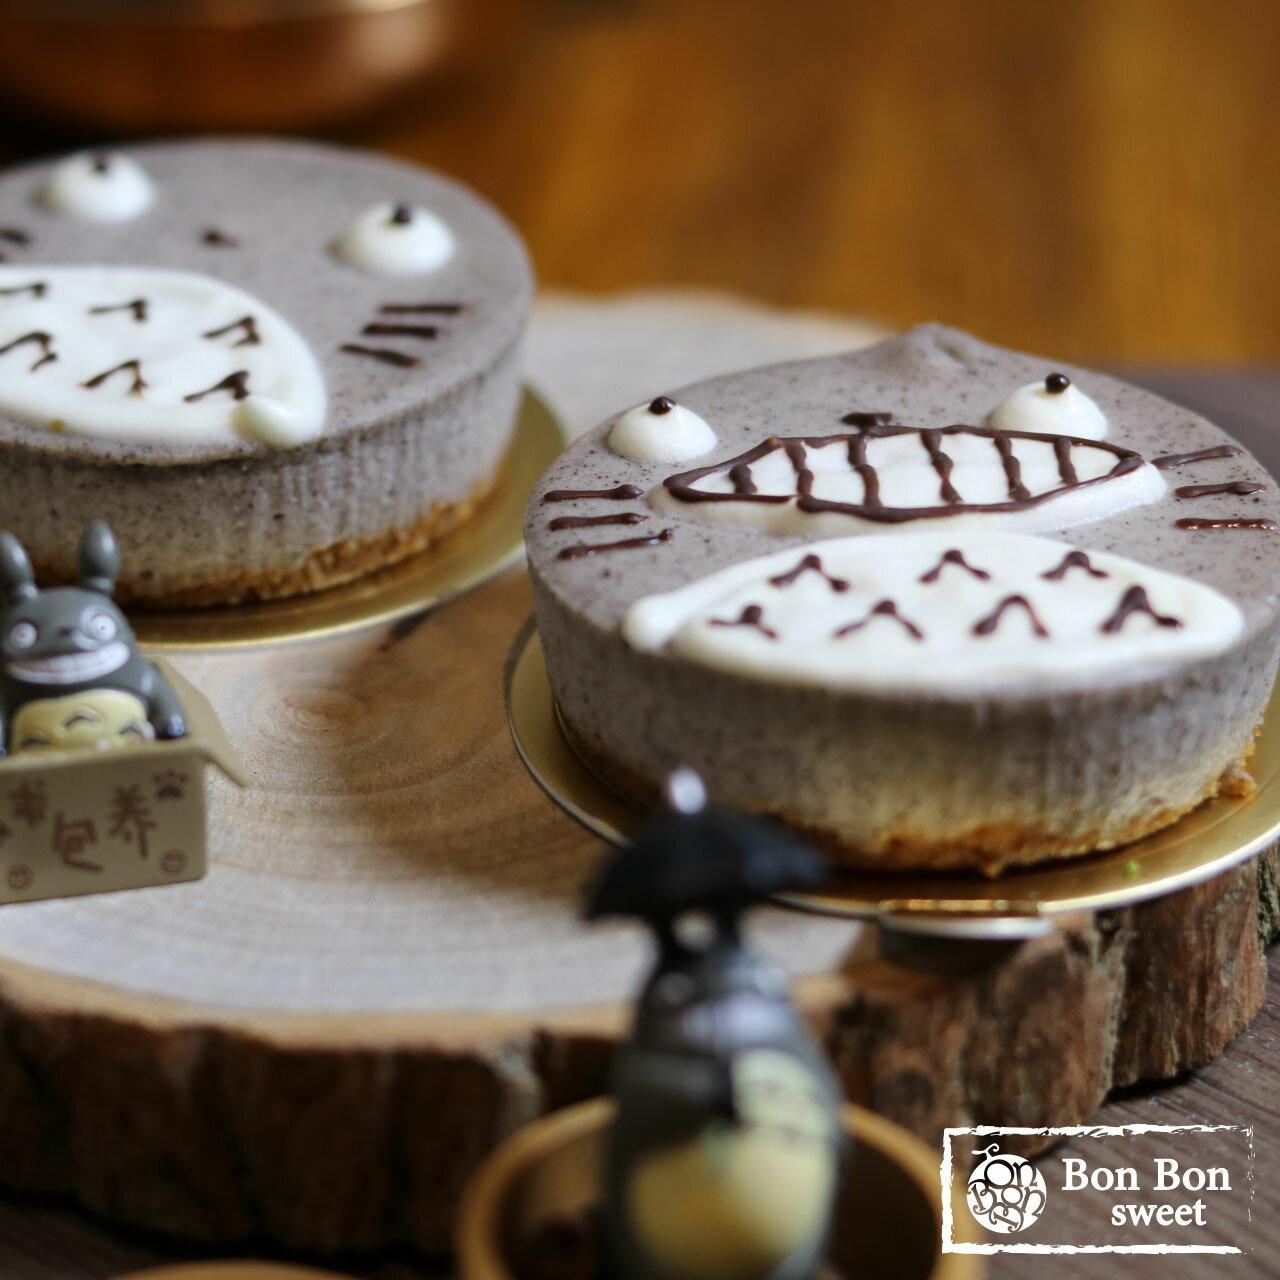 龍貓風! 芝麻乳酪蛋糕-6吋♥ 每一口的乳酪蛋糕都充滿濃濃的芝麻香→10 / 5輸入MARATHON1005立刻折88元! 2